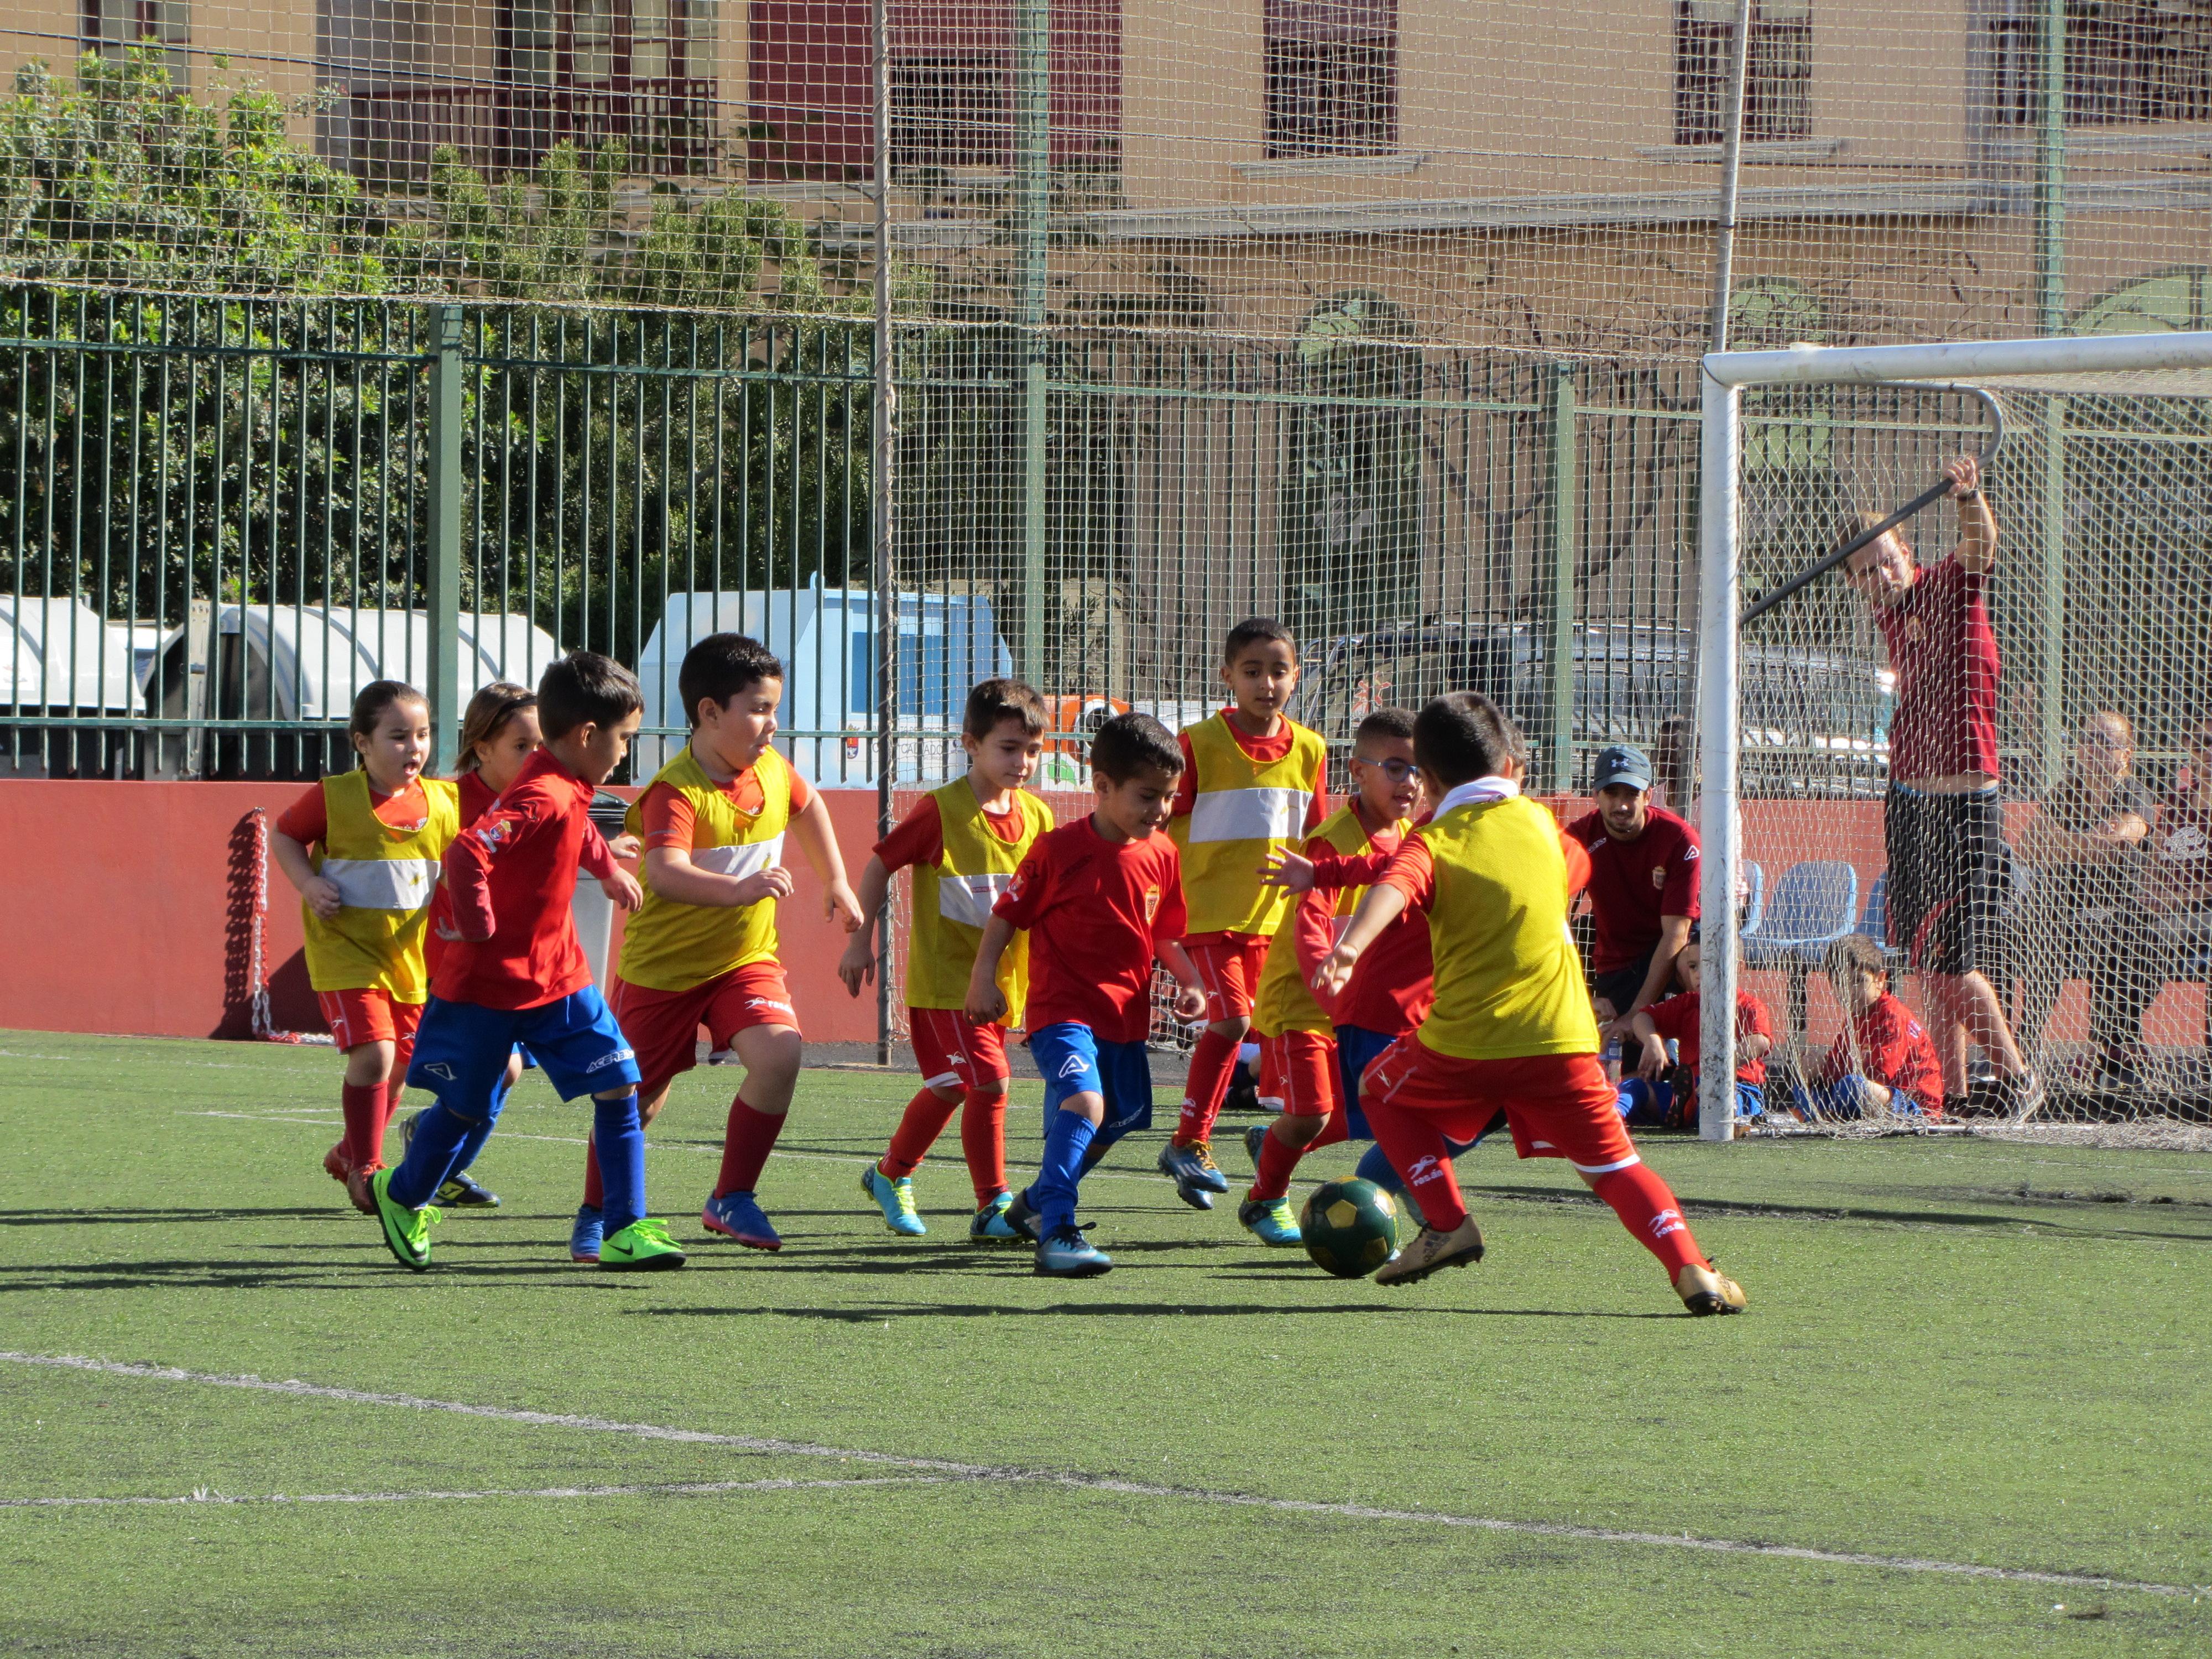 El Torneo de Fútbol Pre-Bejamín de Arrecife contará con la participación de más de 350 niños